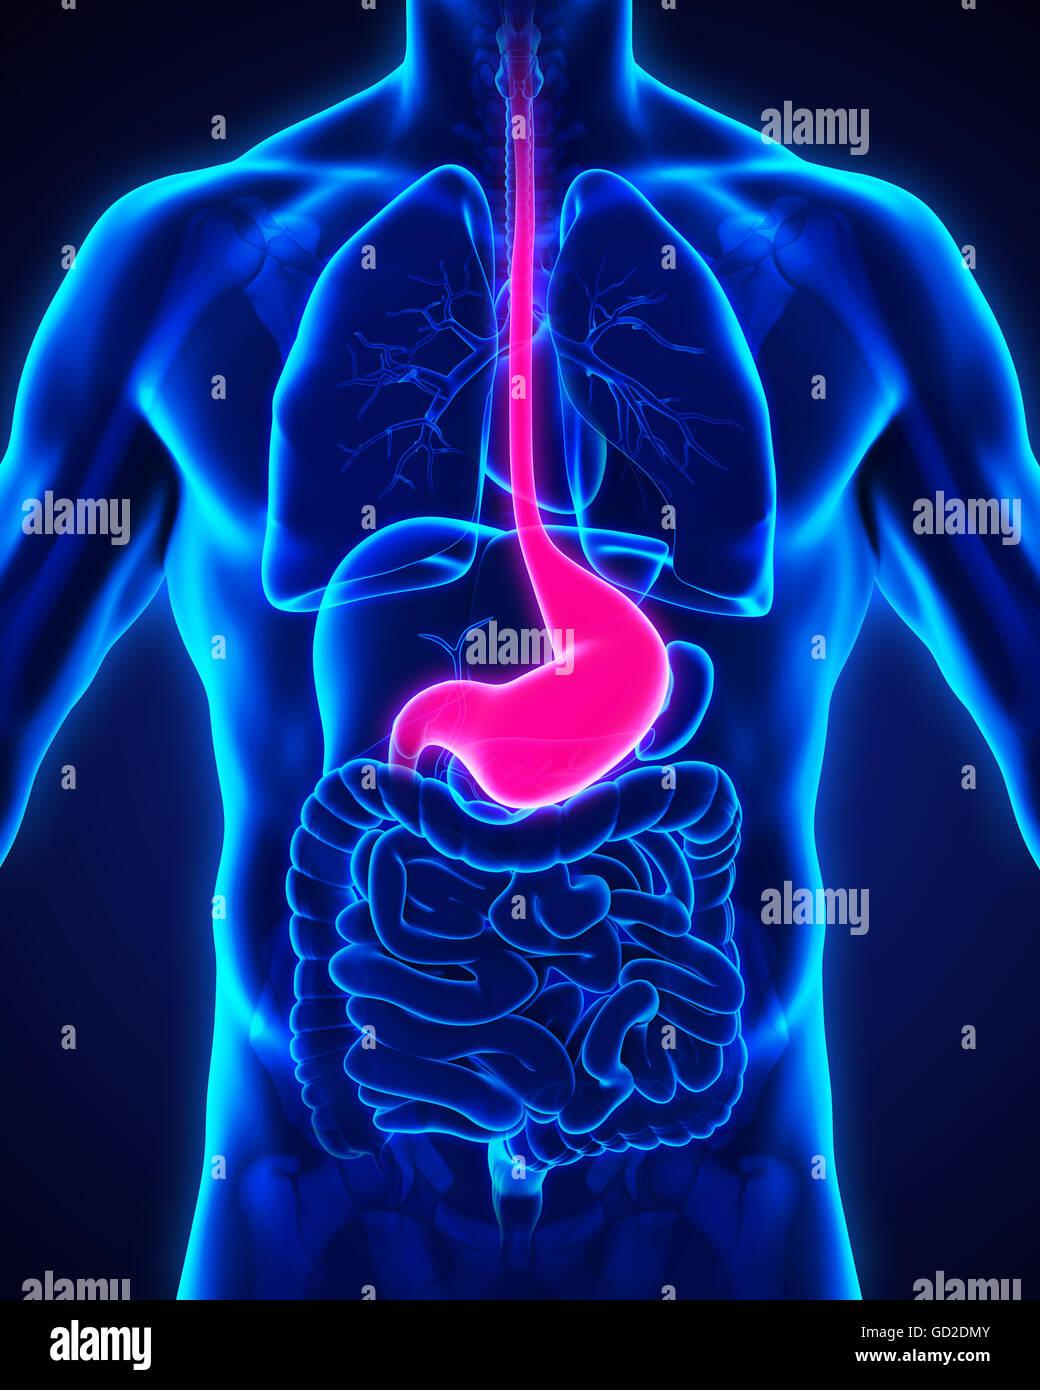 Anatomie der menschlichen Magen Stockfoto, Bild: 111307419 - Alamy